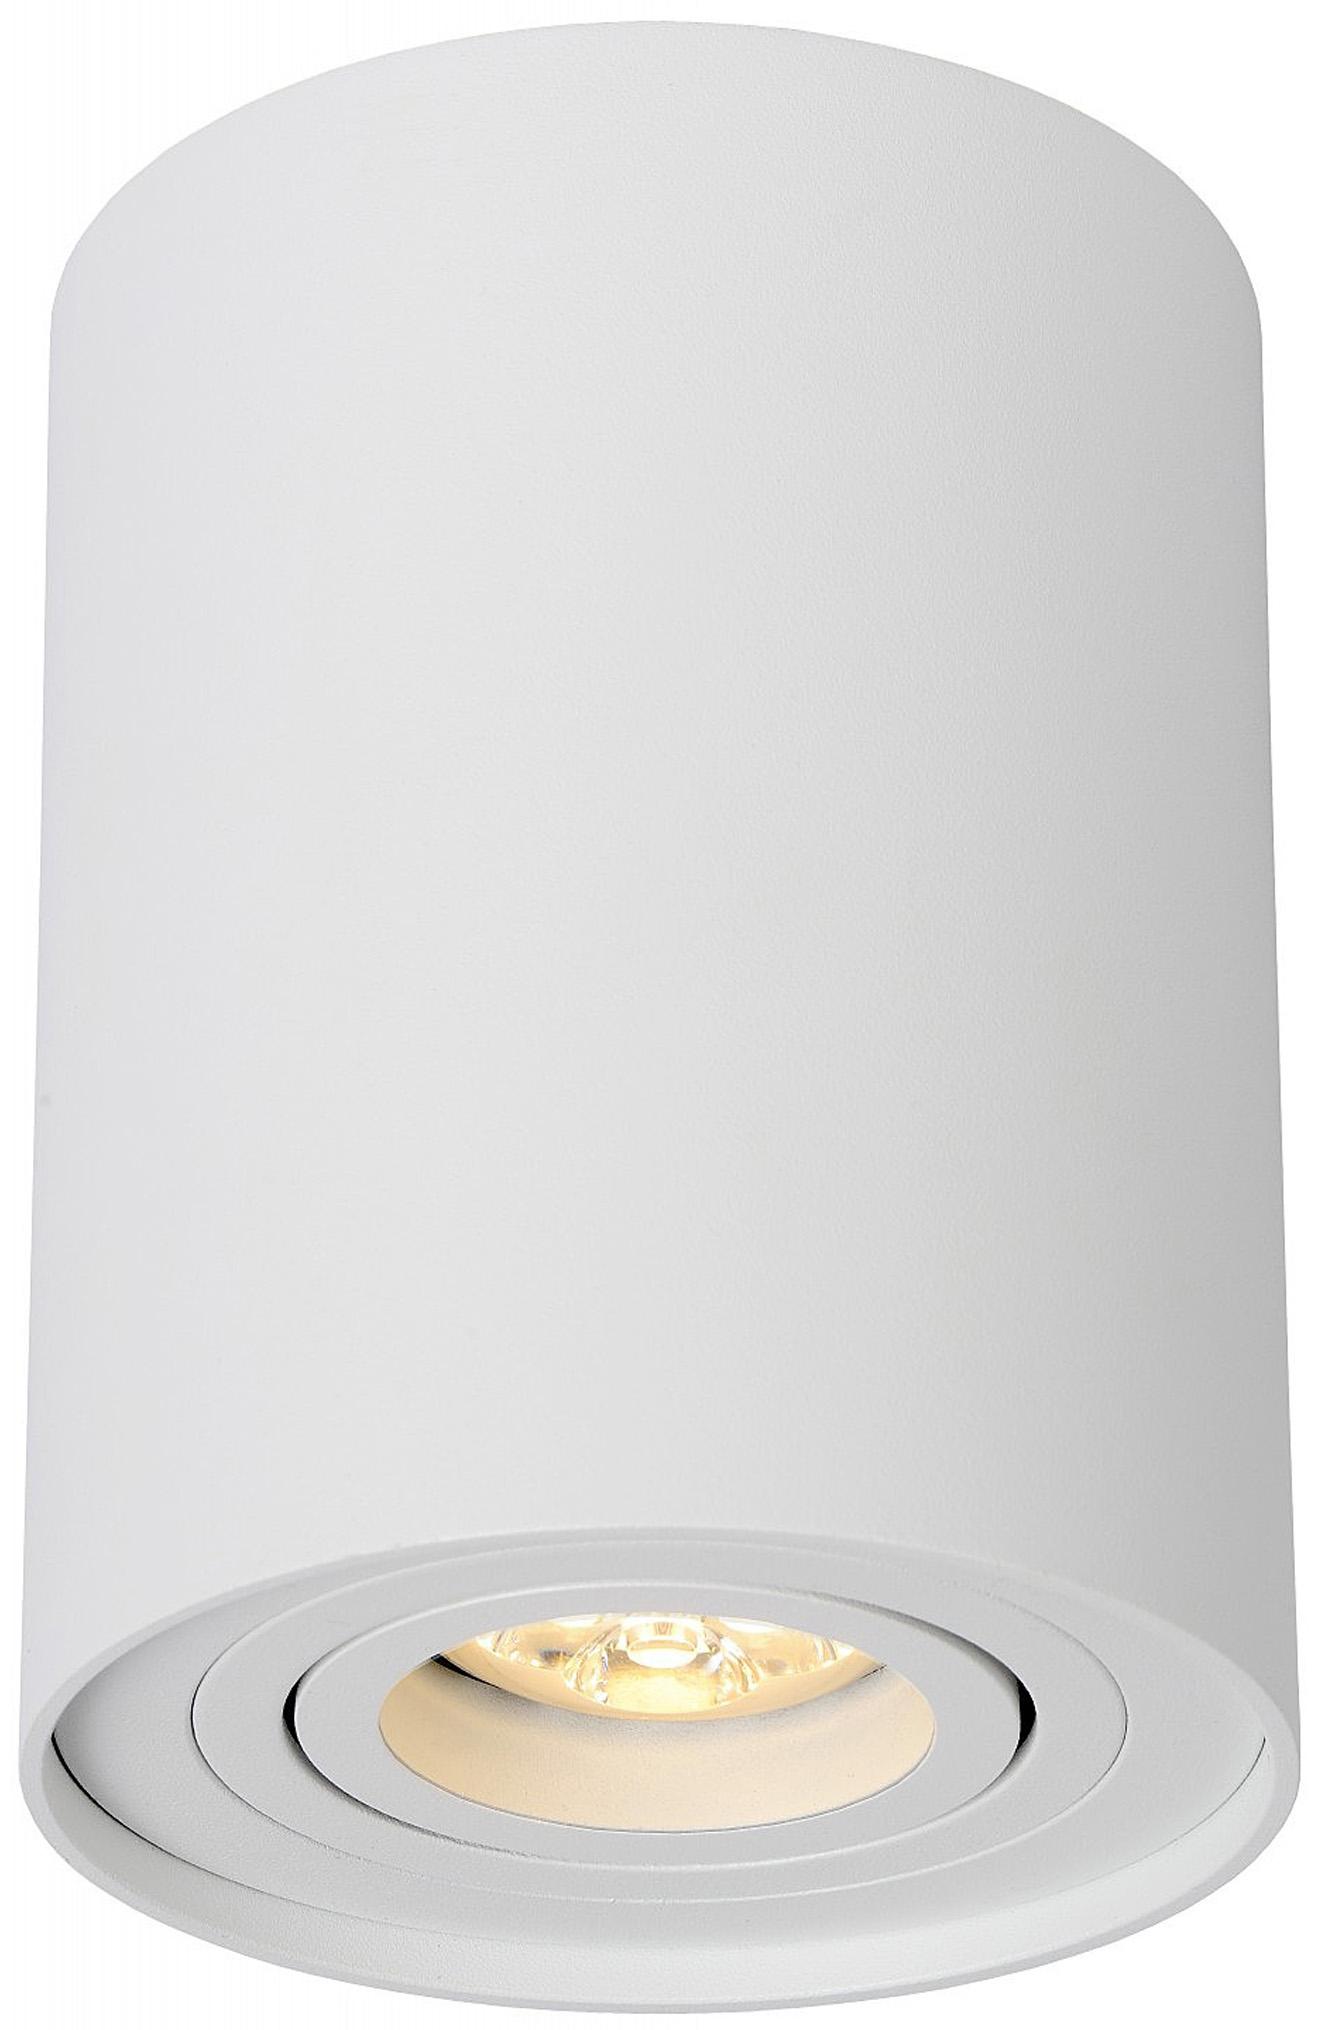 Потолочный светильник Lucide Tube 22952/01/31 фото